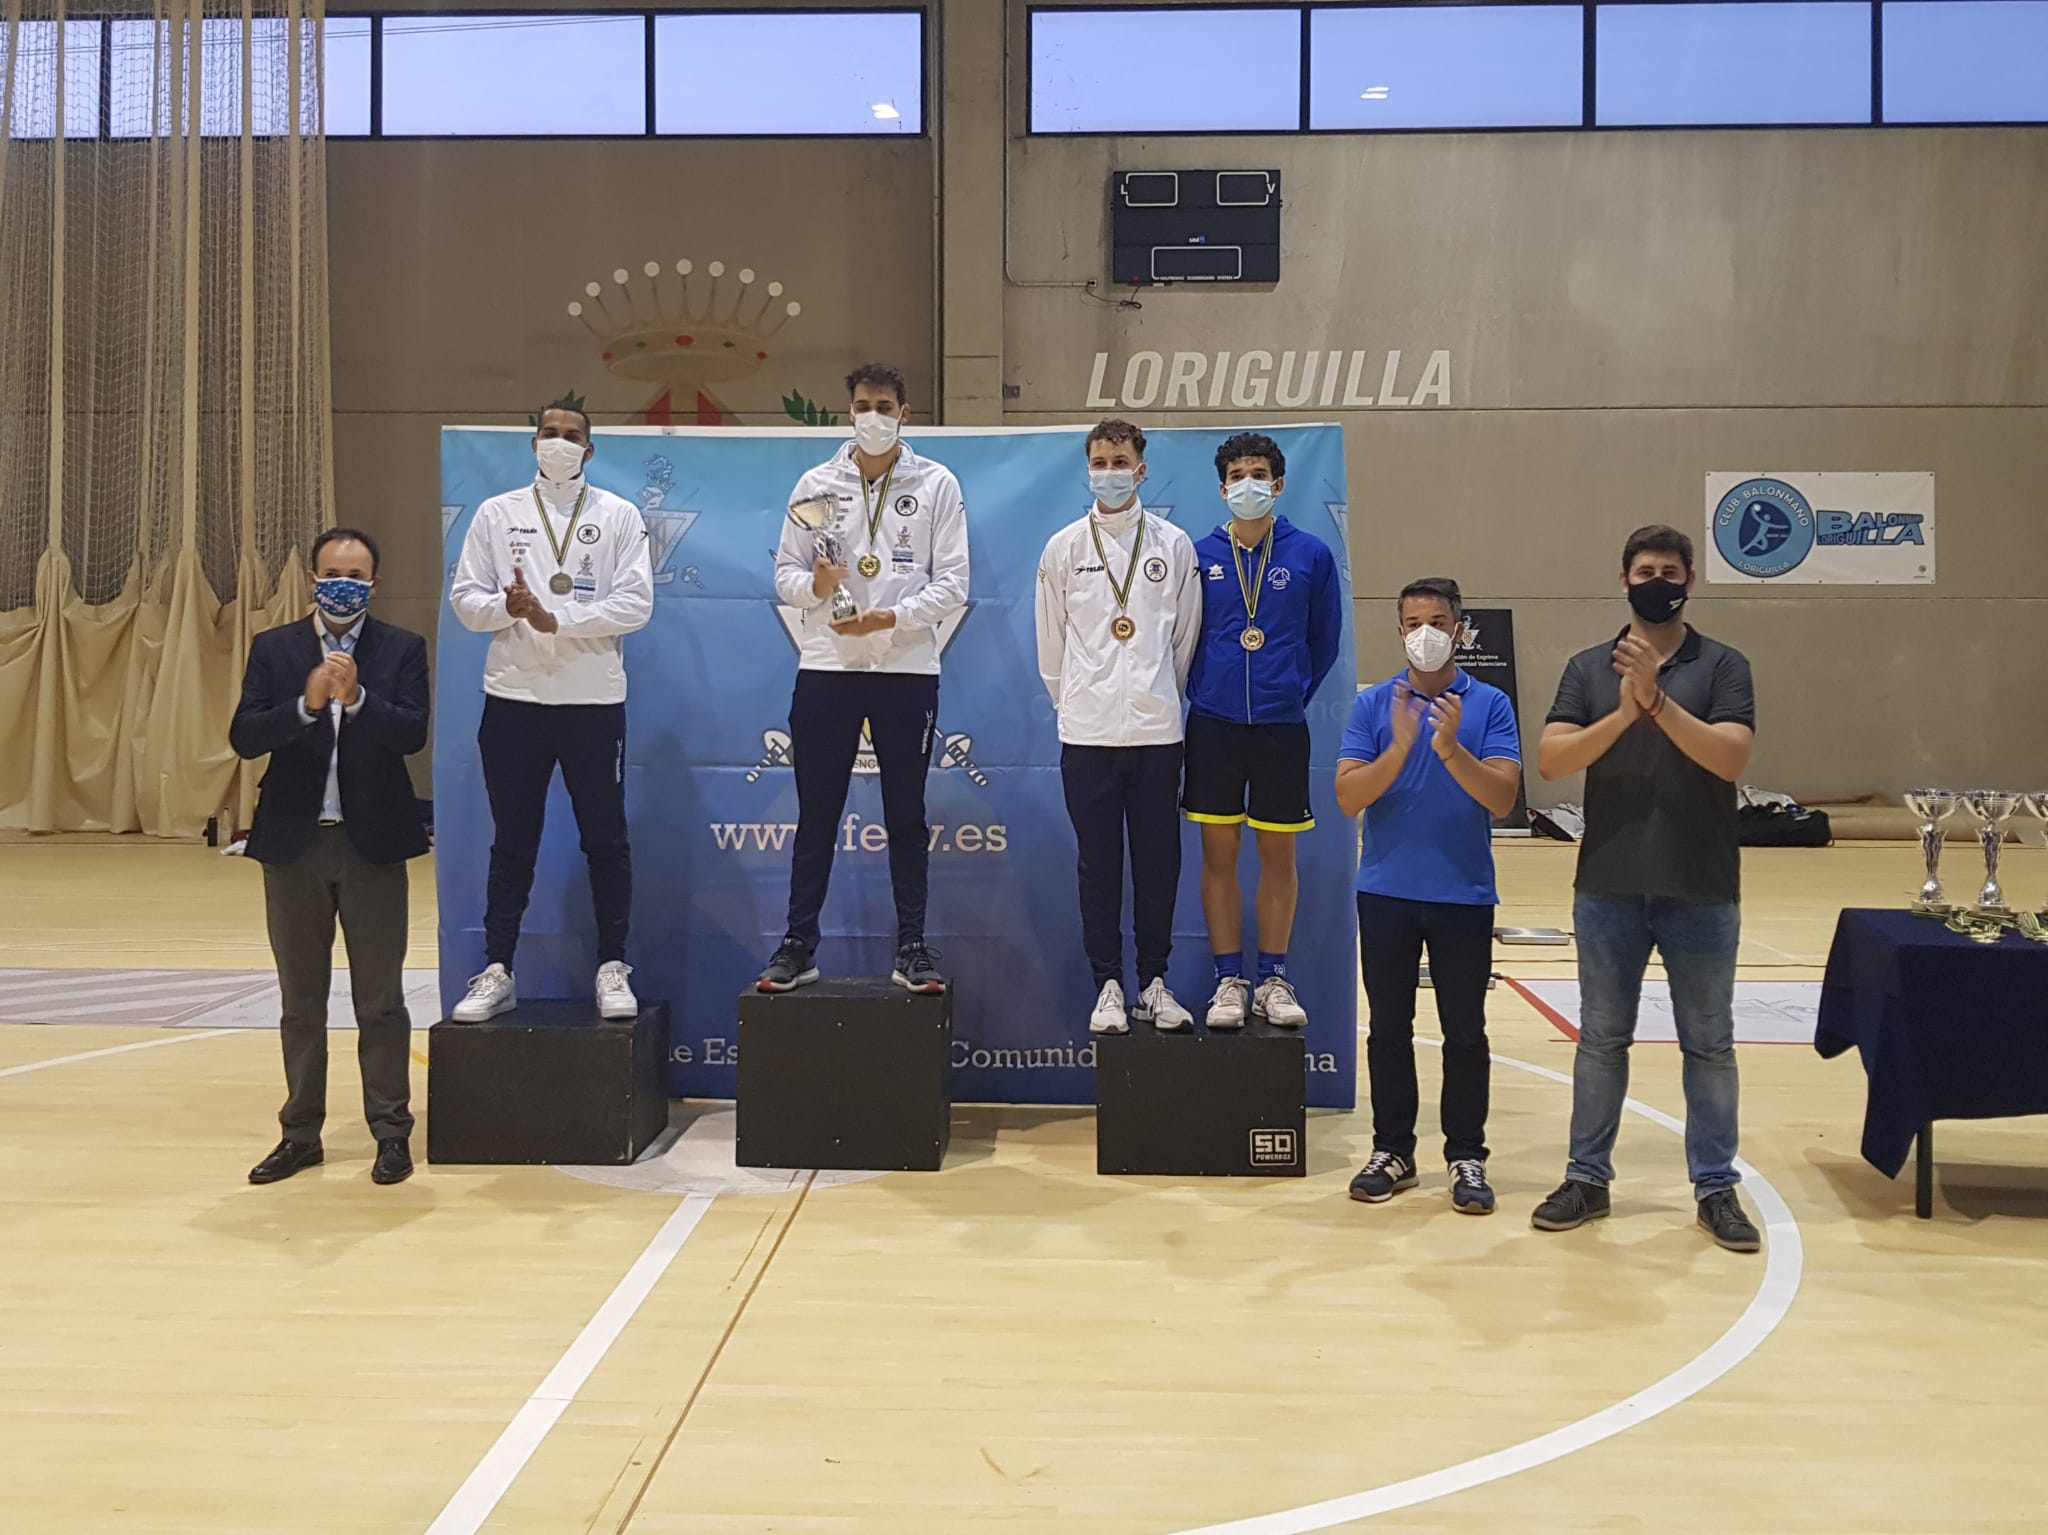 Loriguilla, sede del Campeonato Autonómico Absoluto de Esgrima 2021